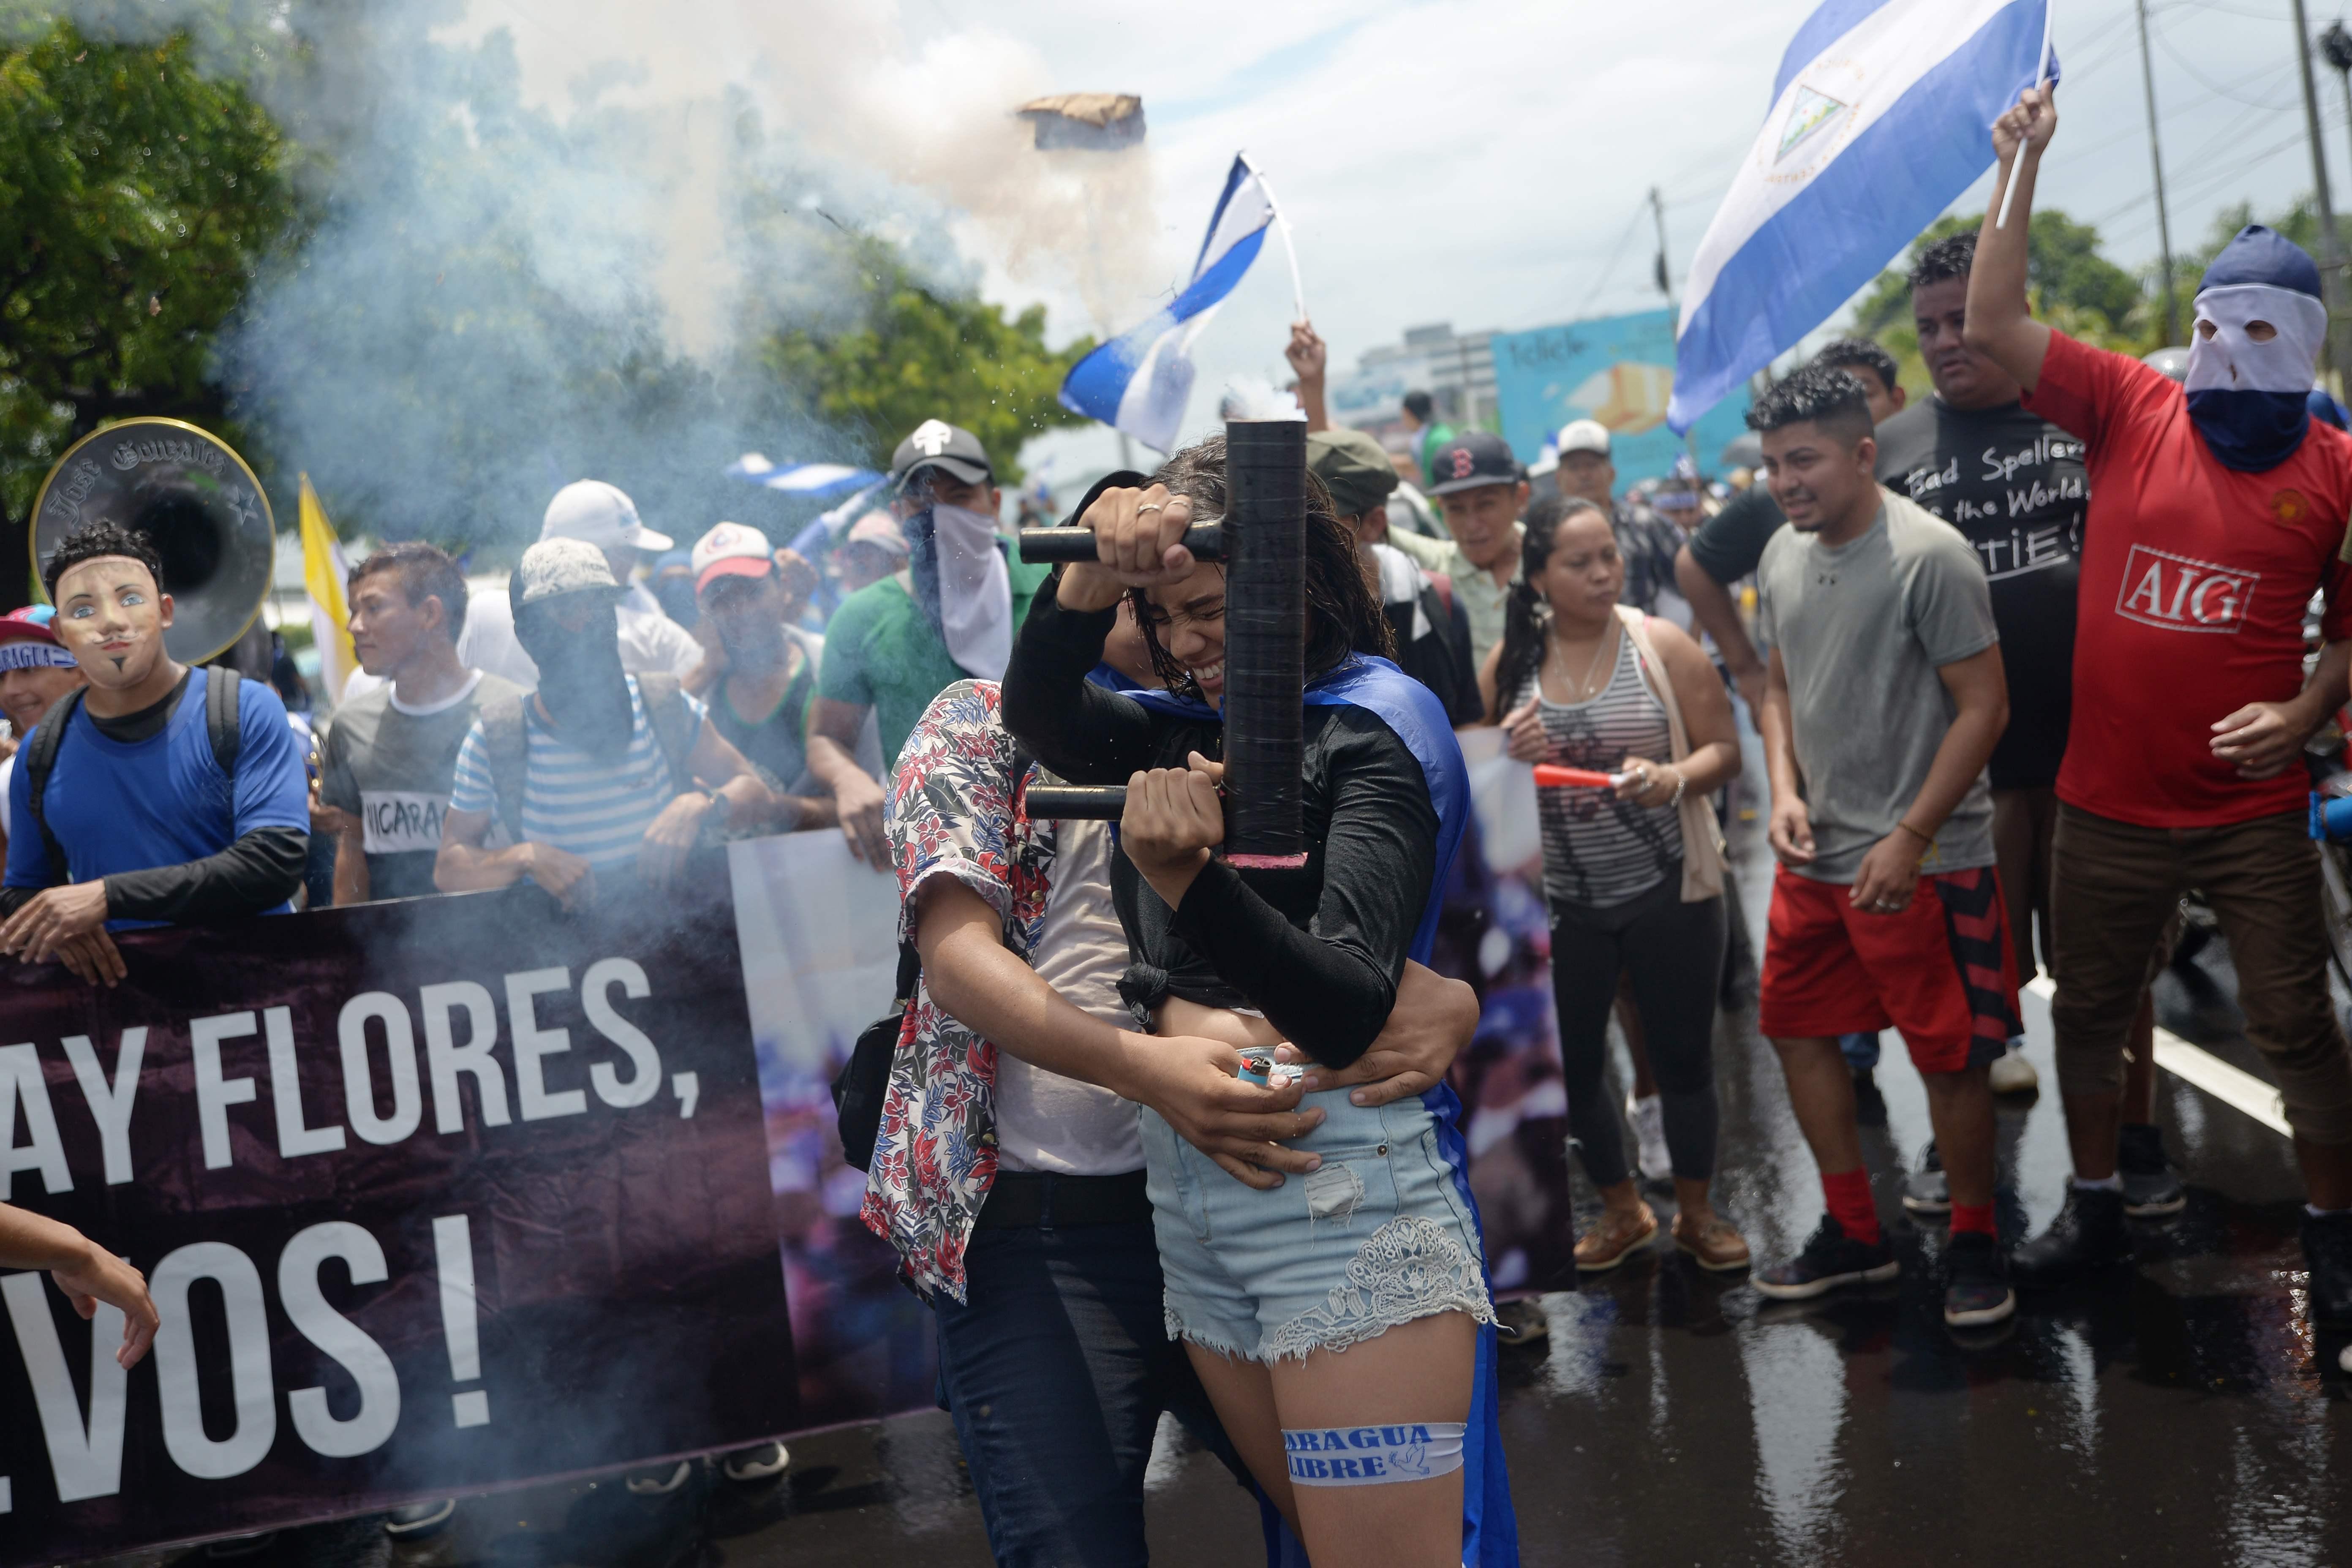 فتاة تطلق قذيفة هاون محلية الصنع خلال المظاهرات